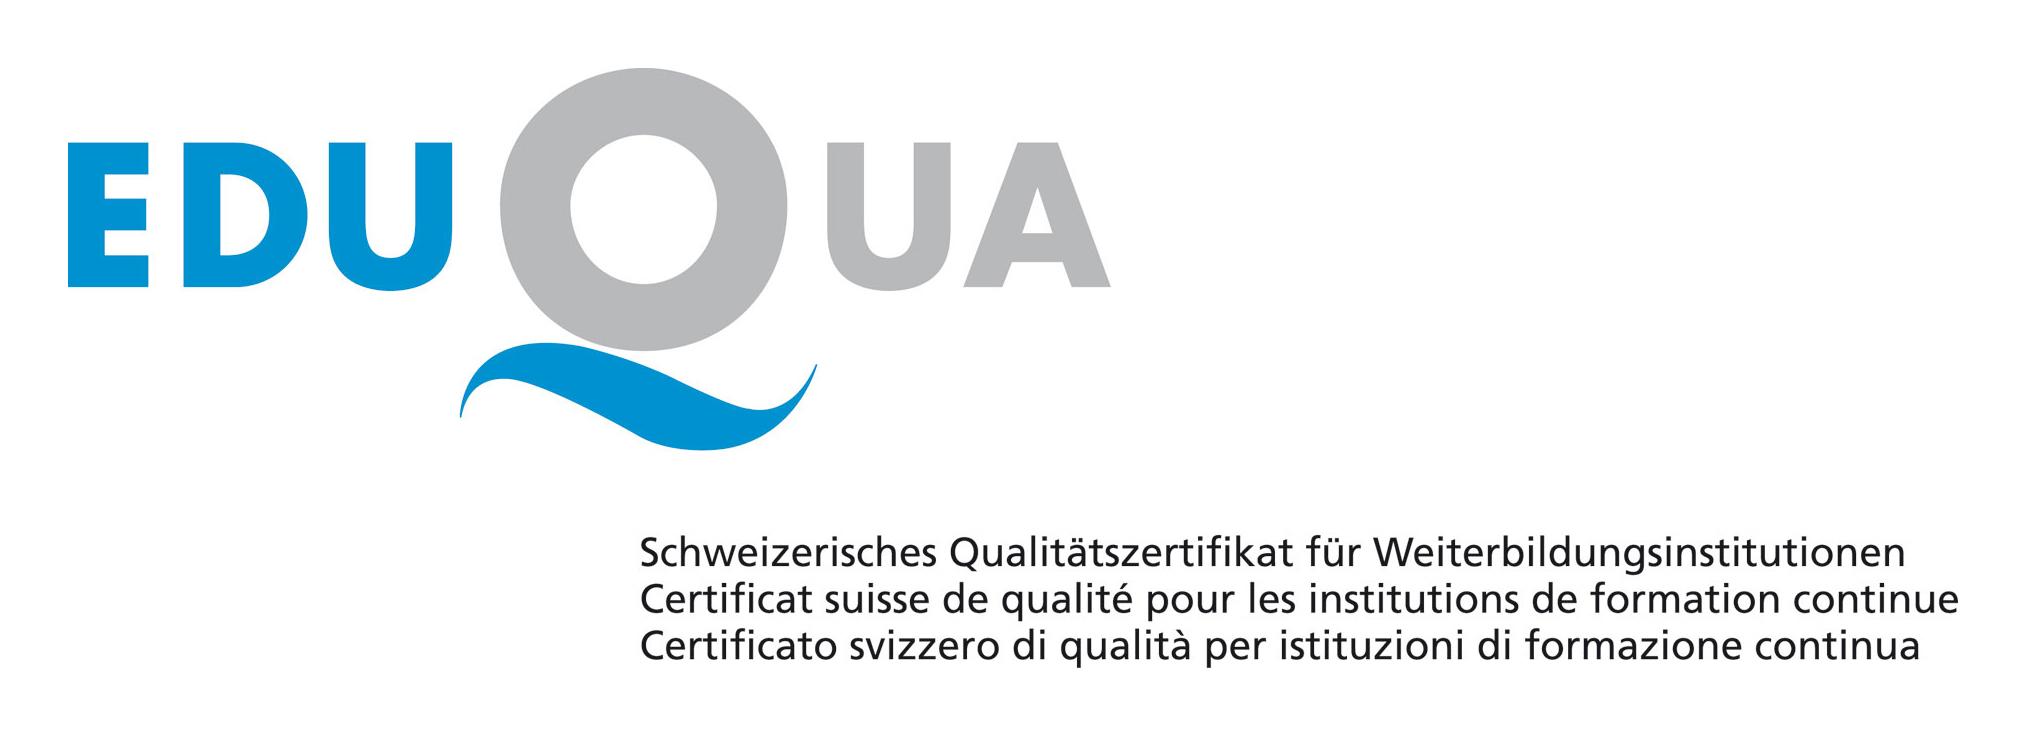 Logo Eduqua Zertifizierung